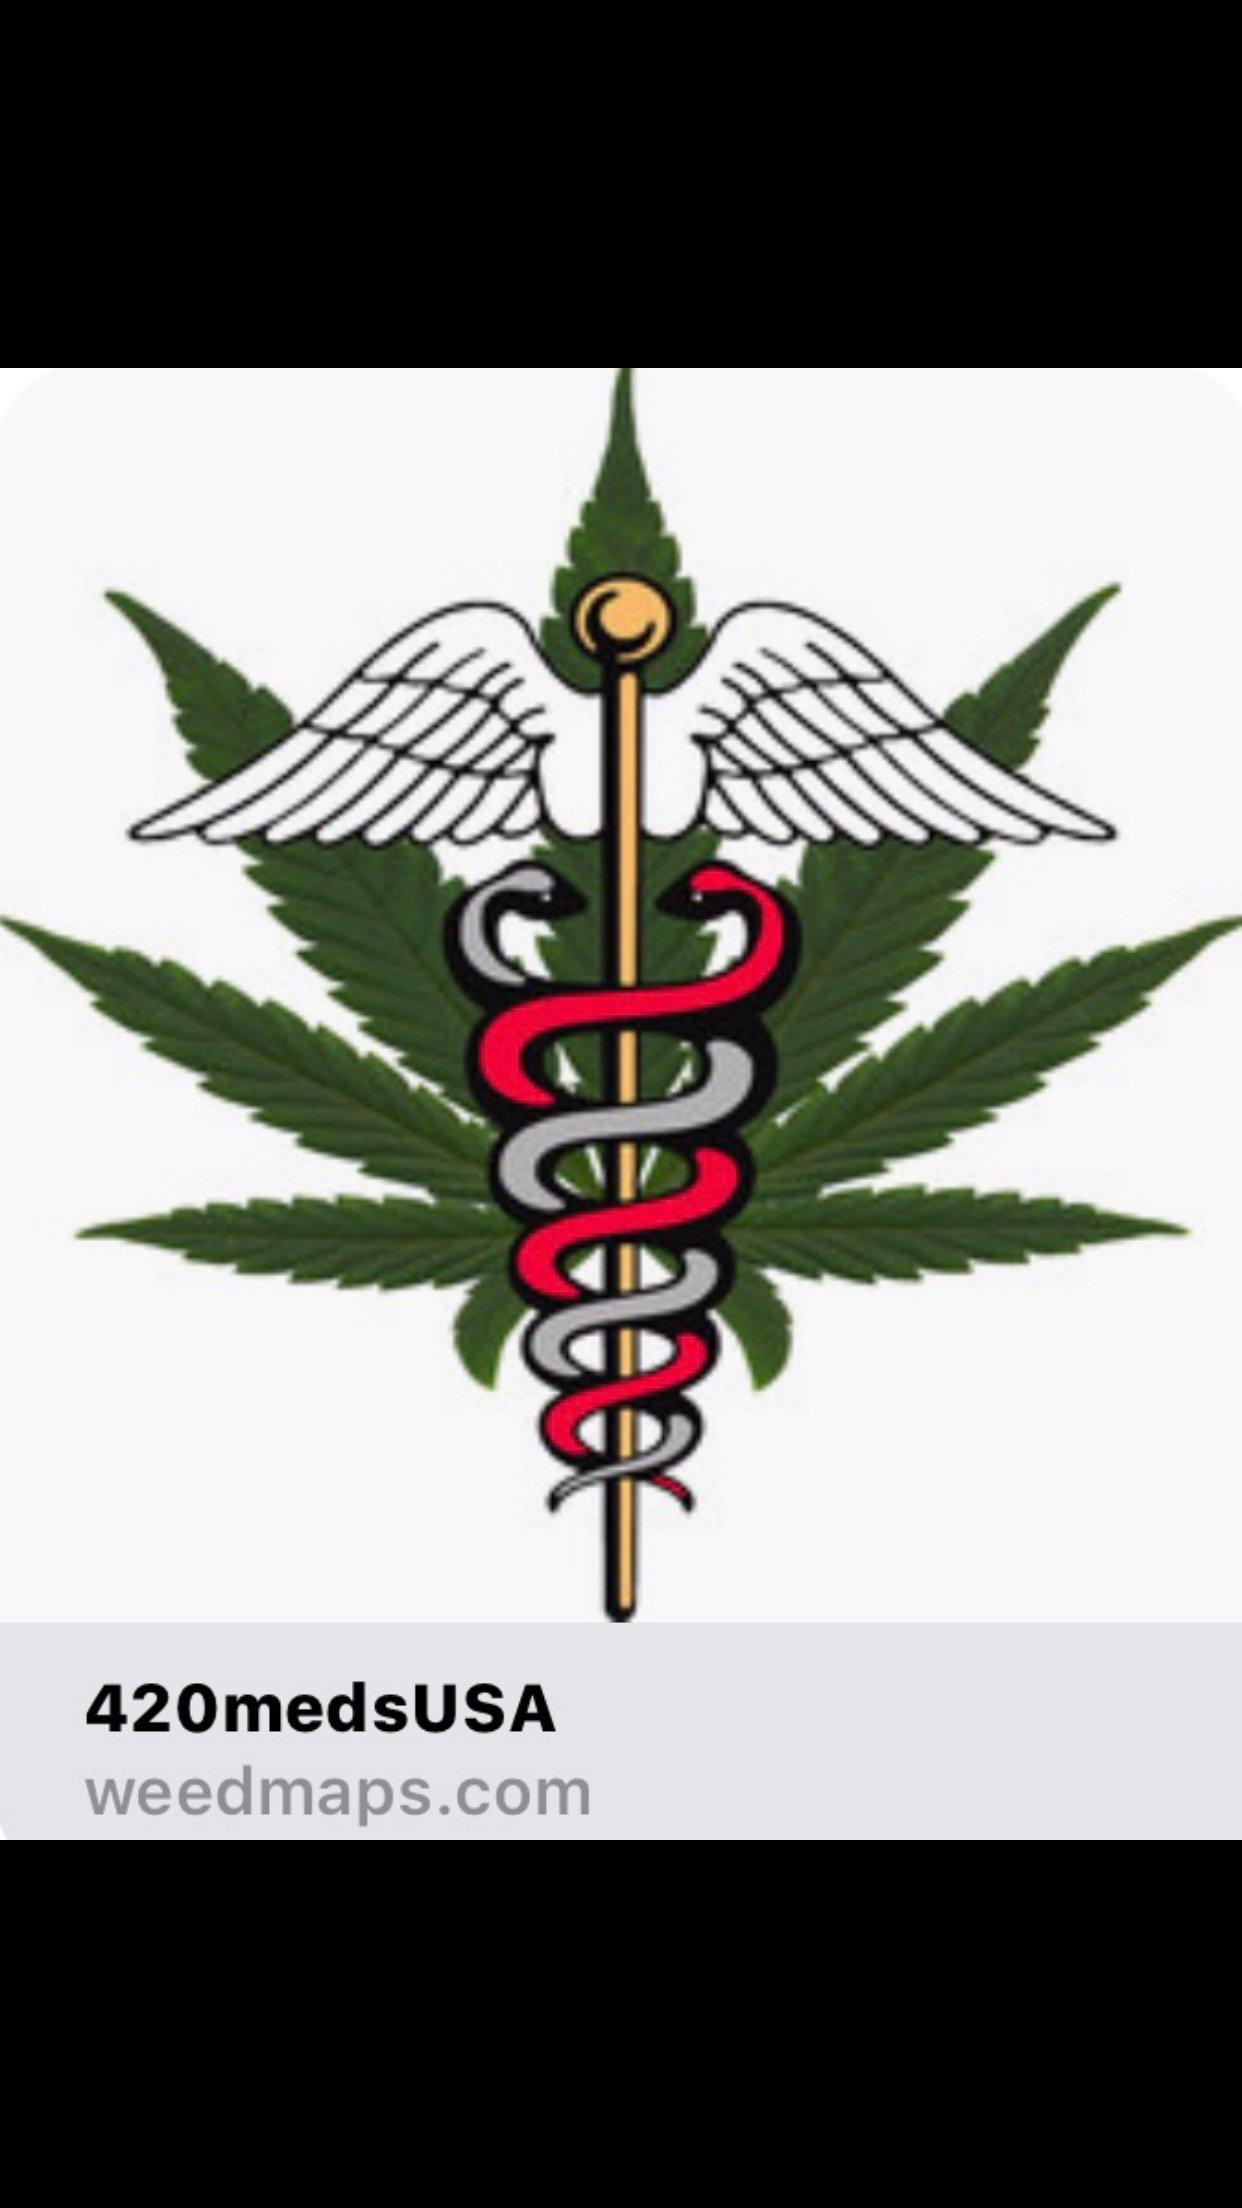 420meds